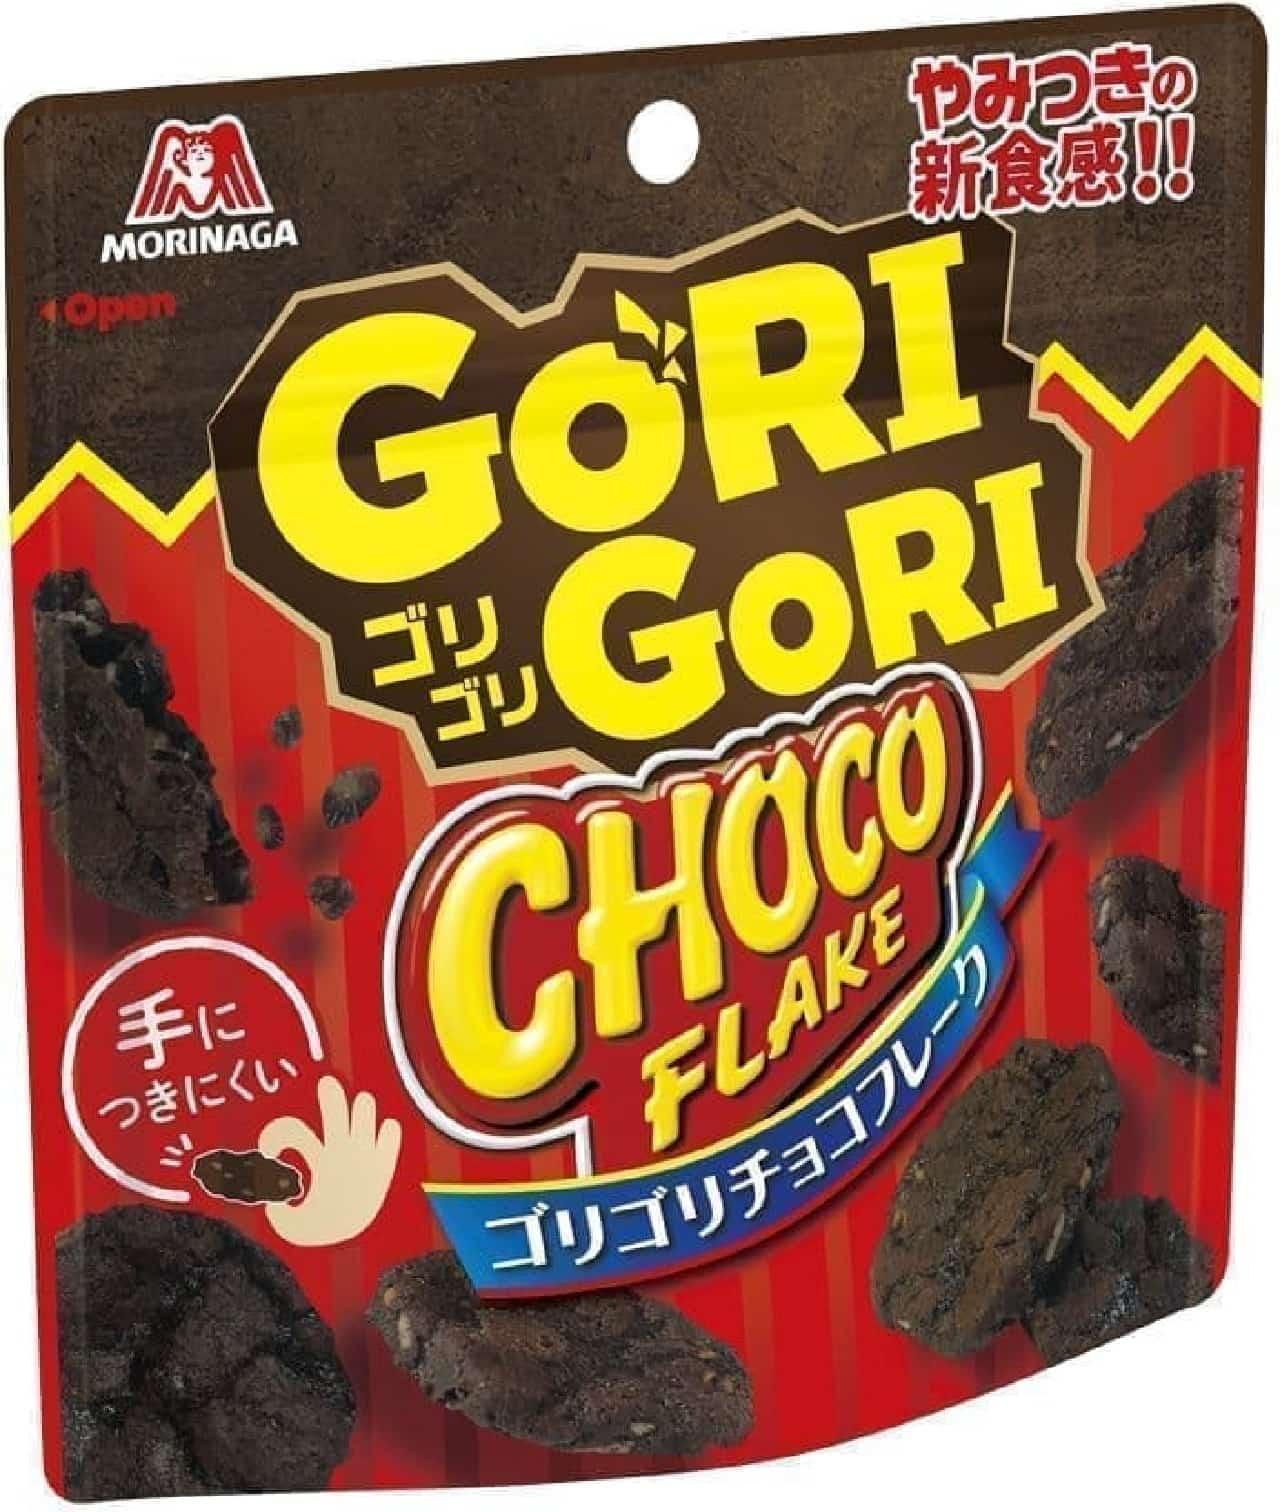 森永製菓「ゴリゴリチョコフレーク」